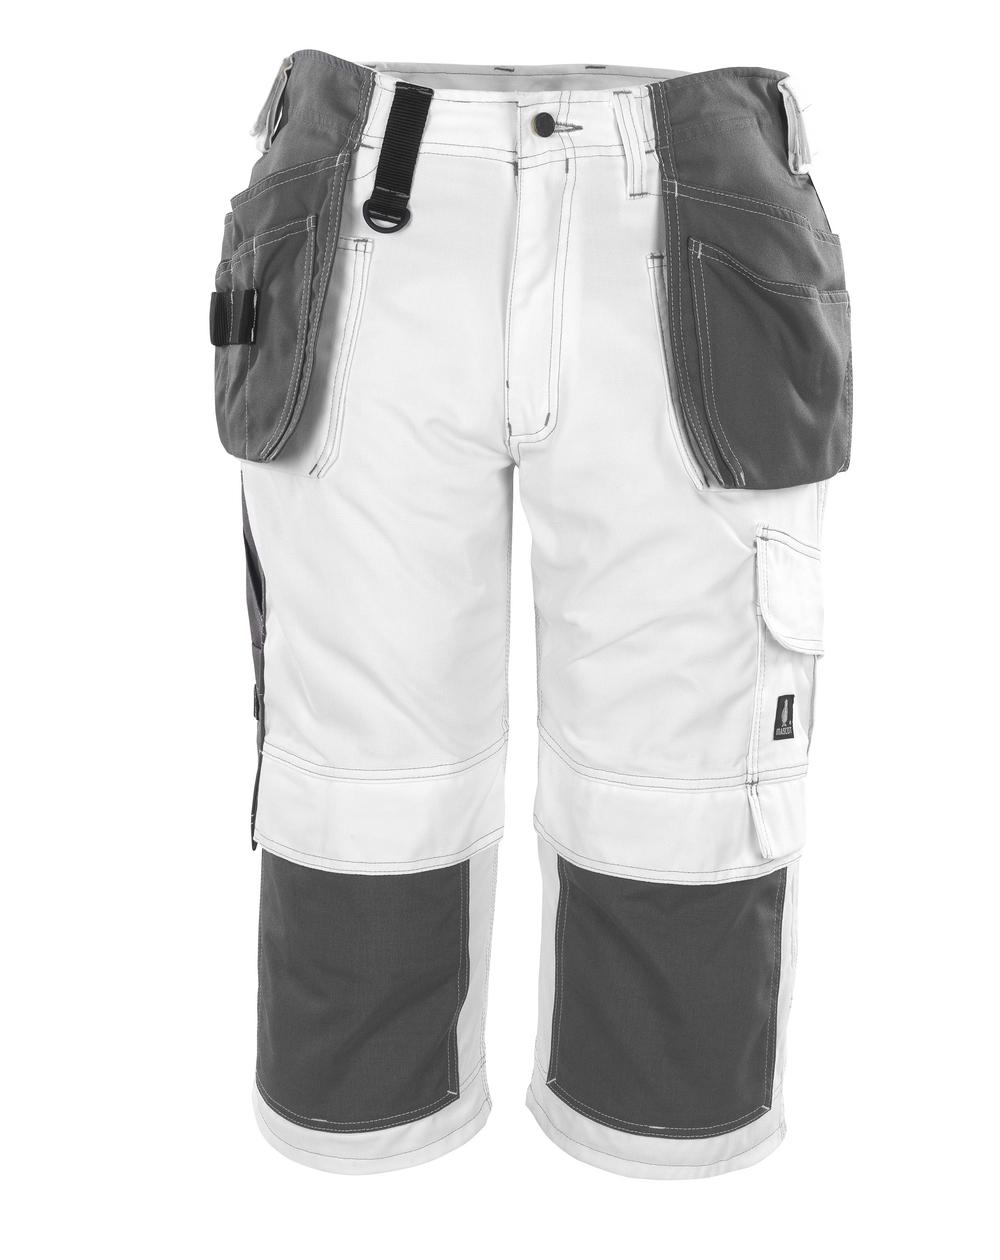 08349-154-06 ¾-housut polvi- ja riipputaskuilla - valkoinen